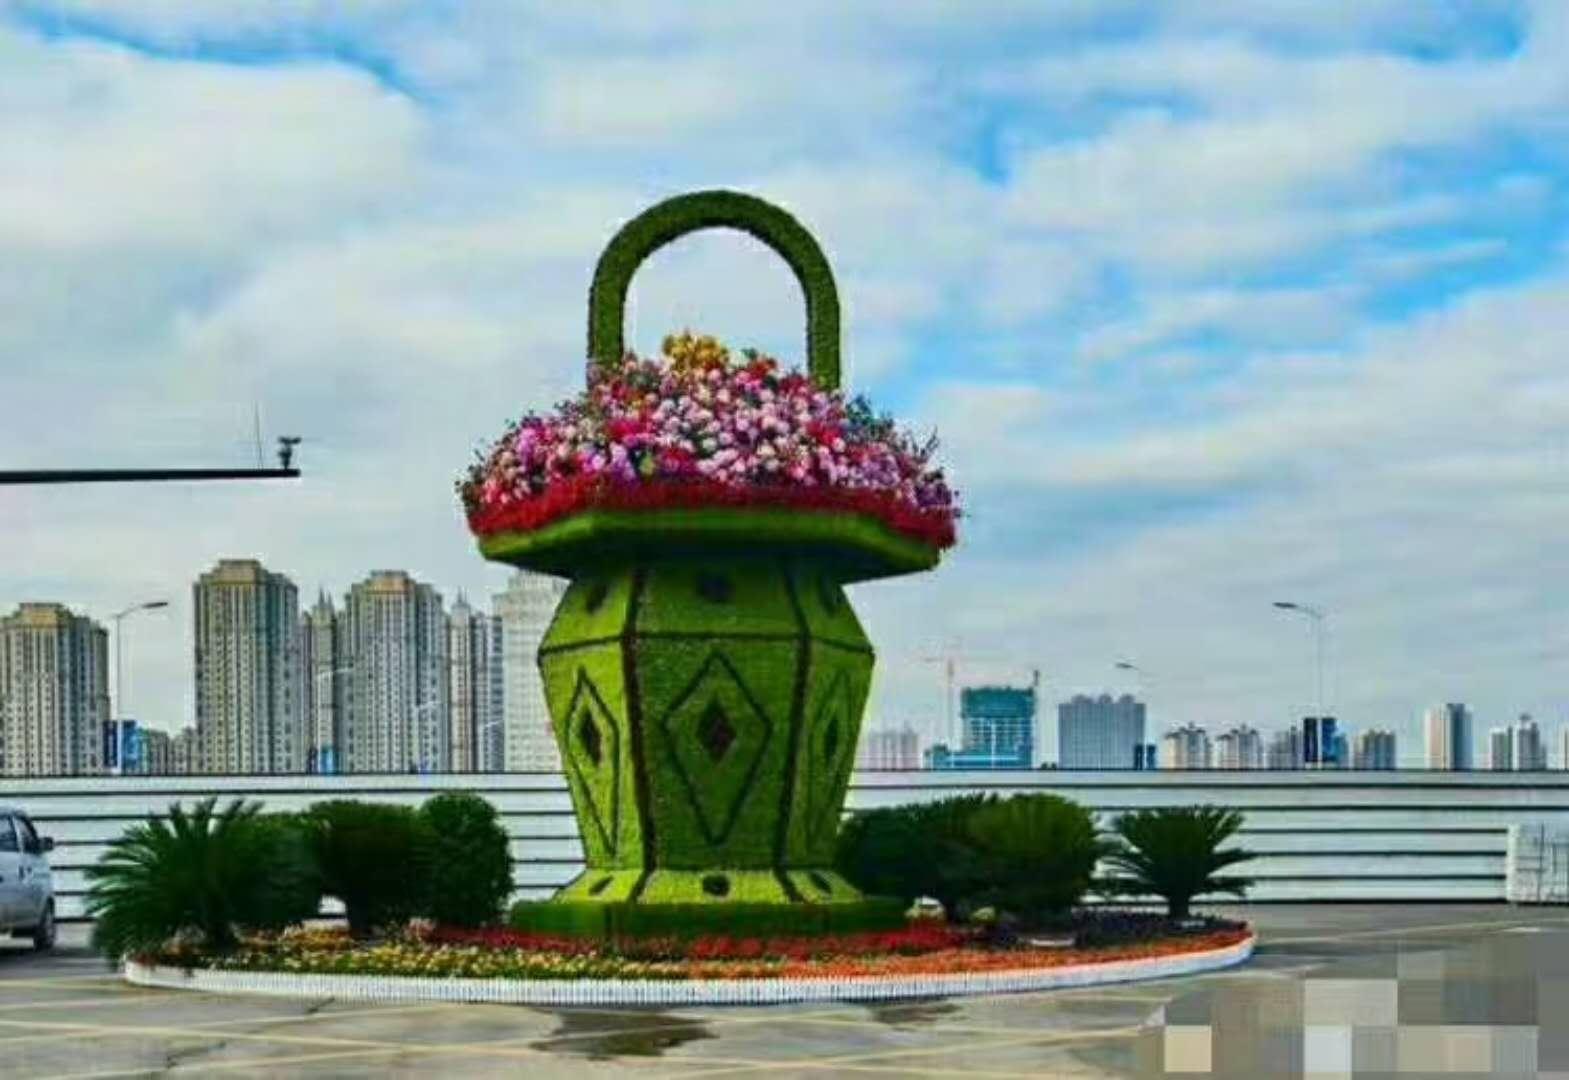 江苏哪家提供立体花坛造型公司可靠,立体花坛多少钱